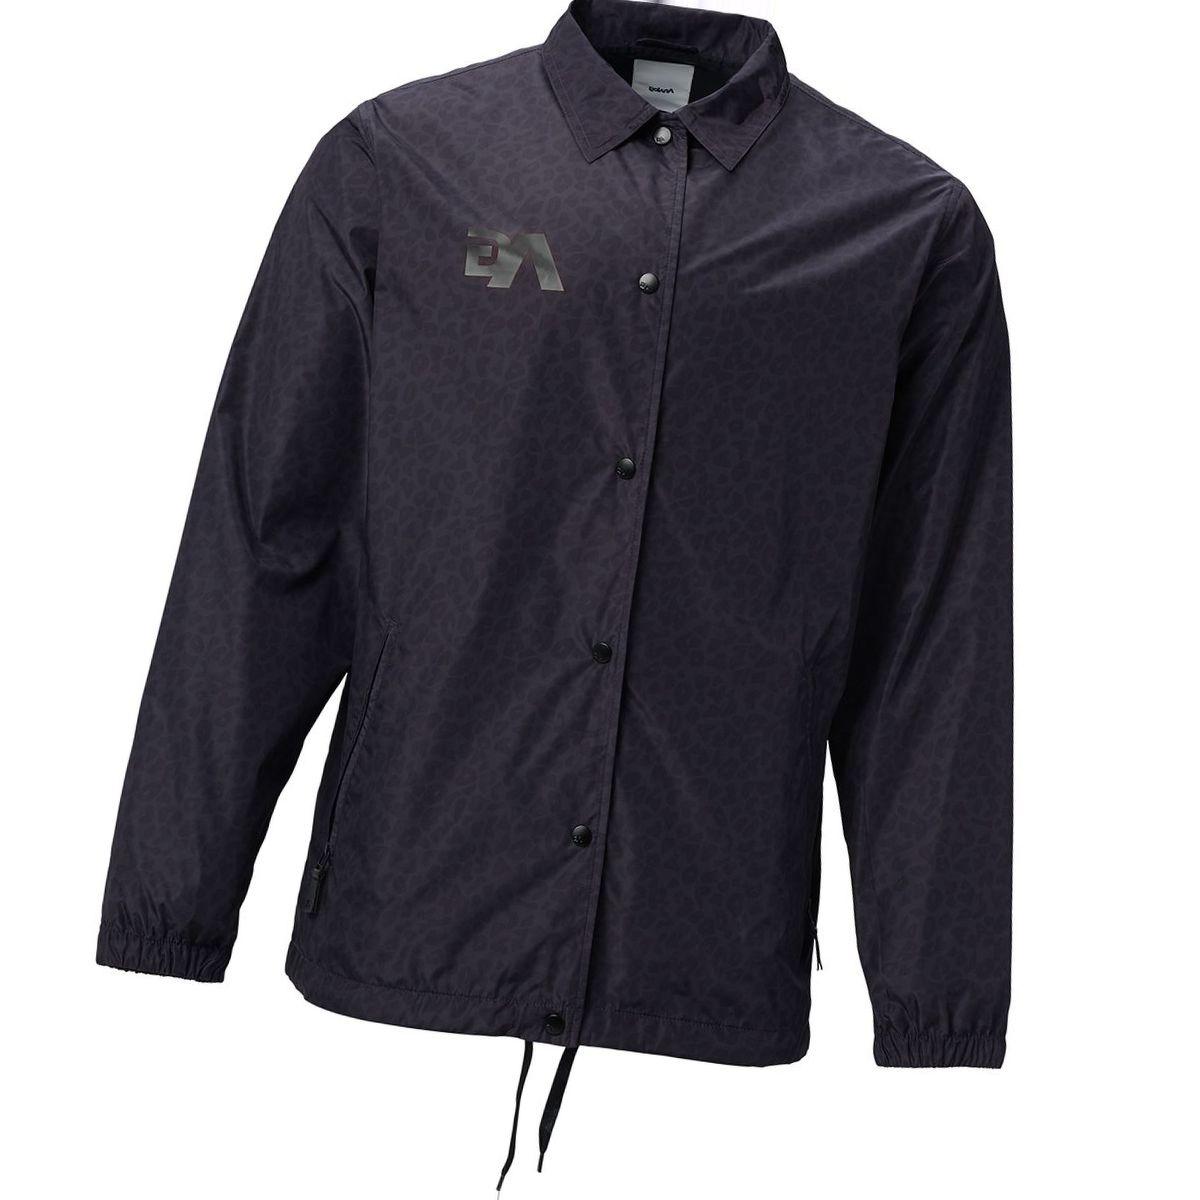 Analog AG Sparkwave Jacket - Men's